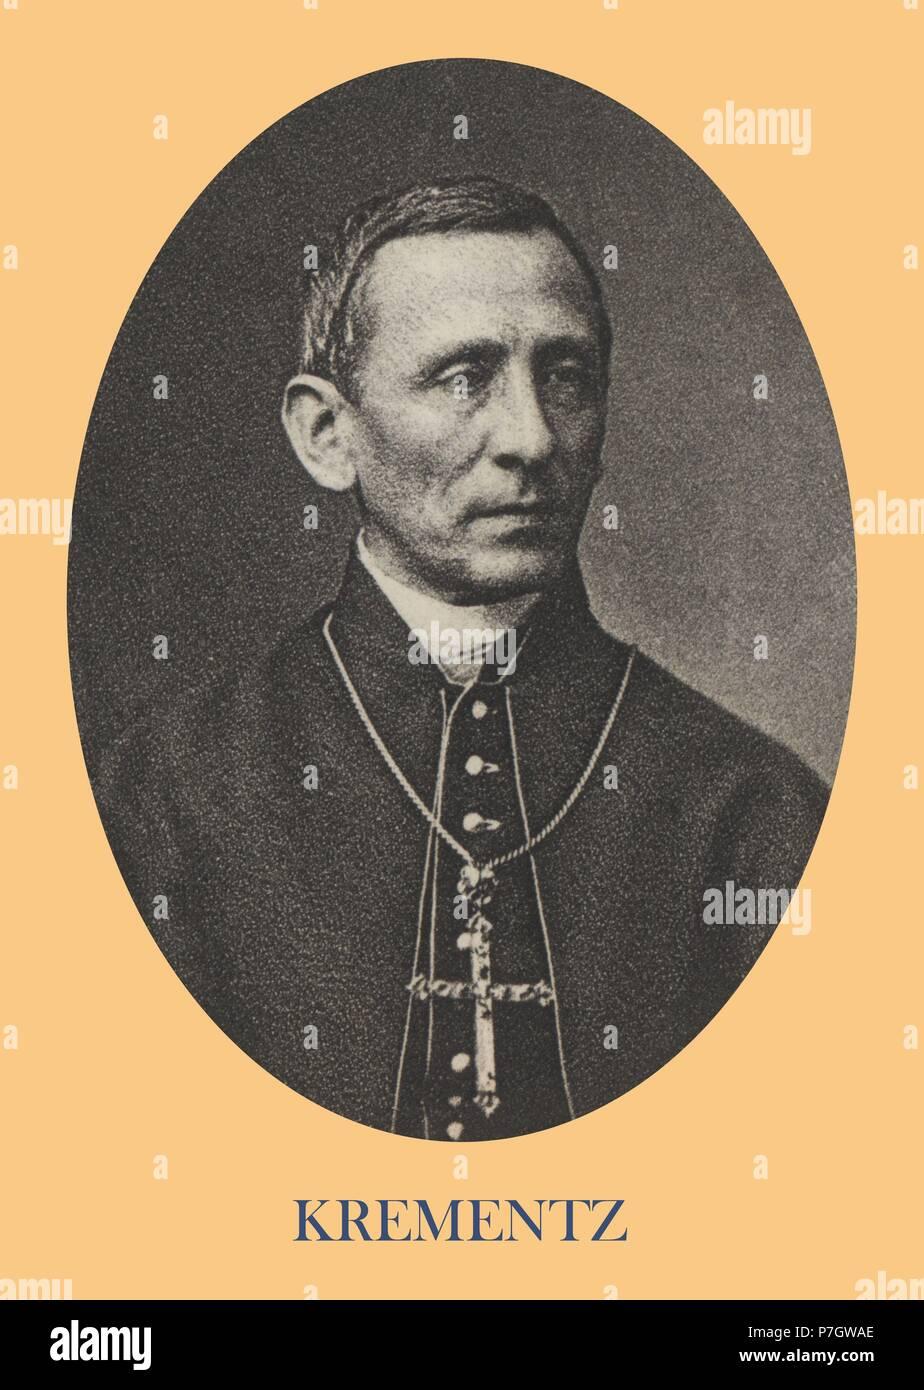 Philipp Krementz (1819-1899), obispo de Ermland, Prusia Oriental. Participó en el Concilio Vaticano I. Grabado de 1871. - Stock Image